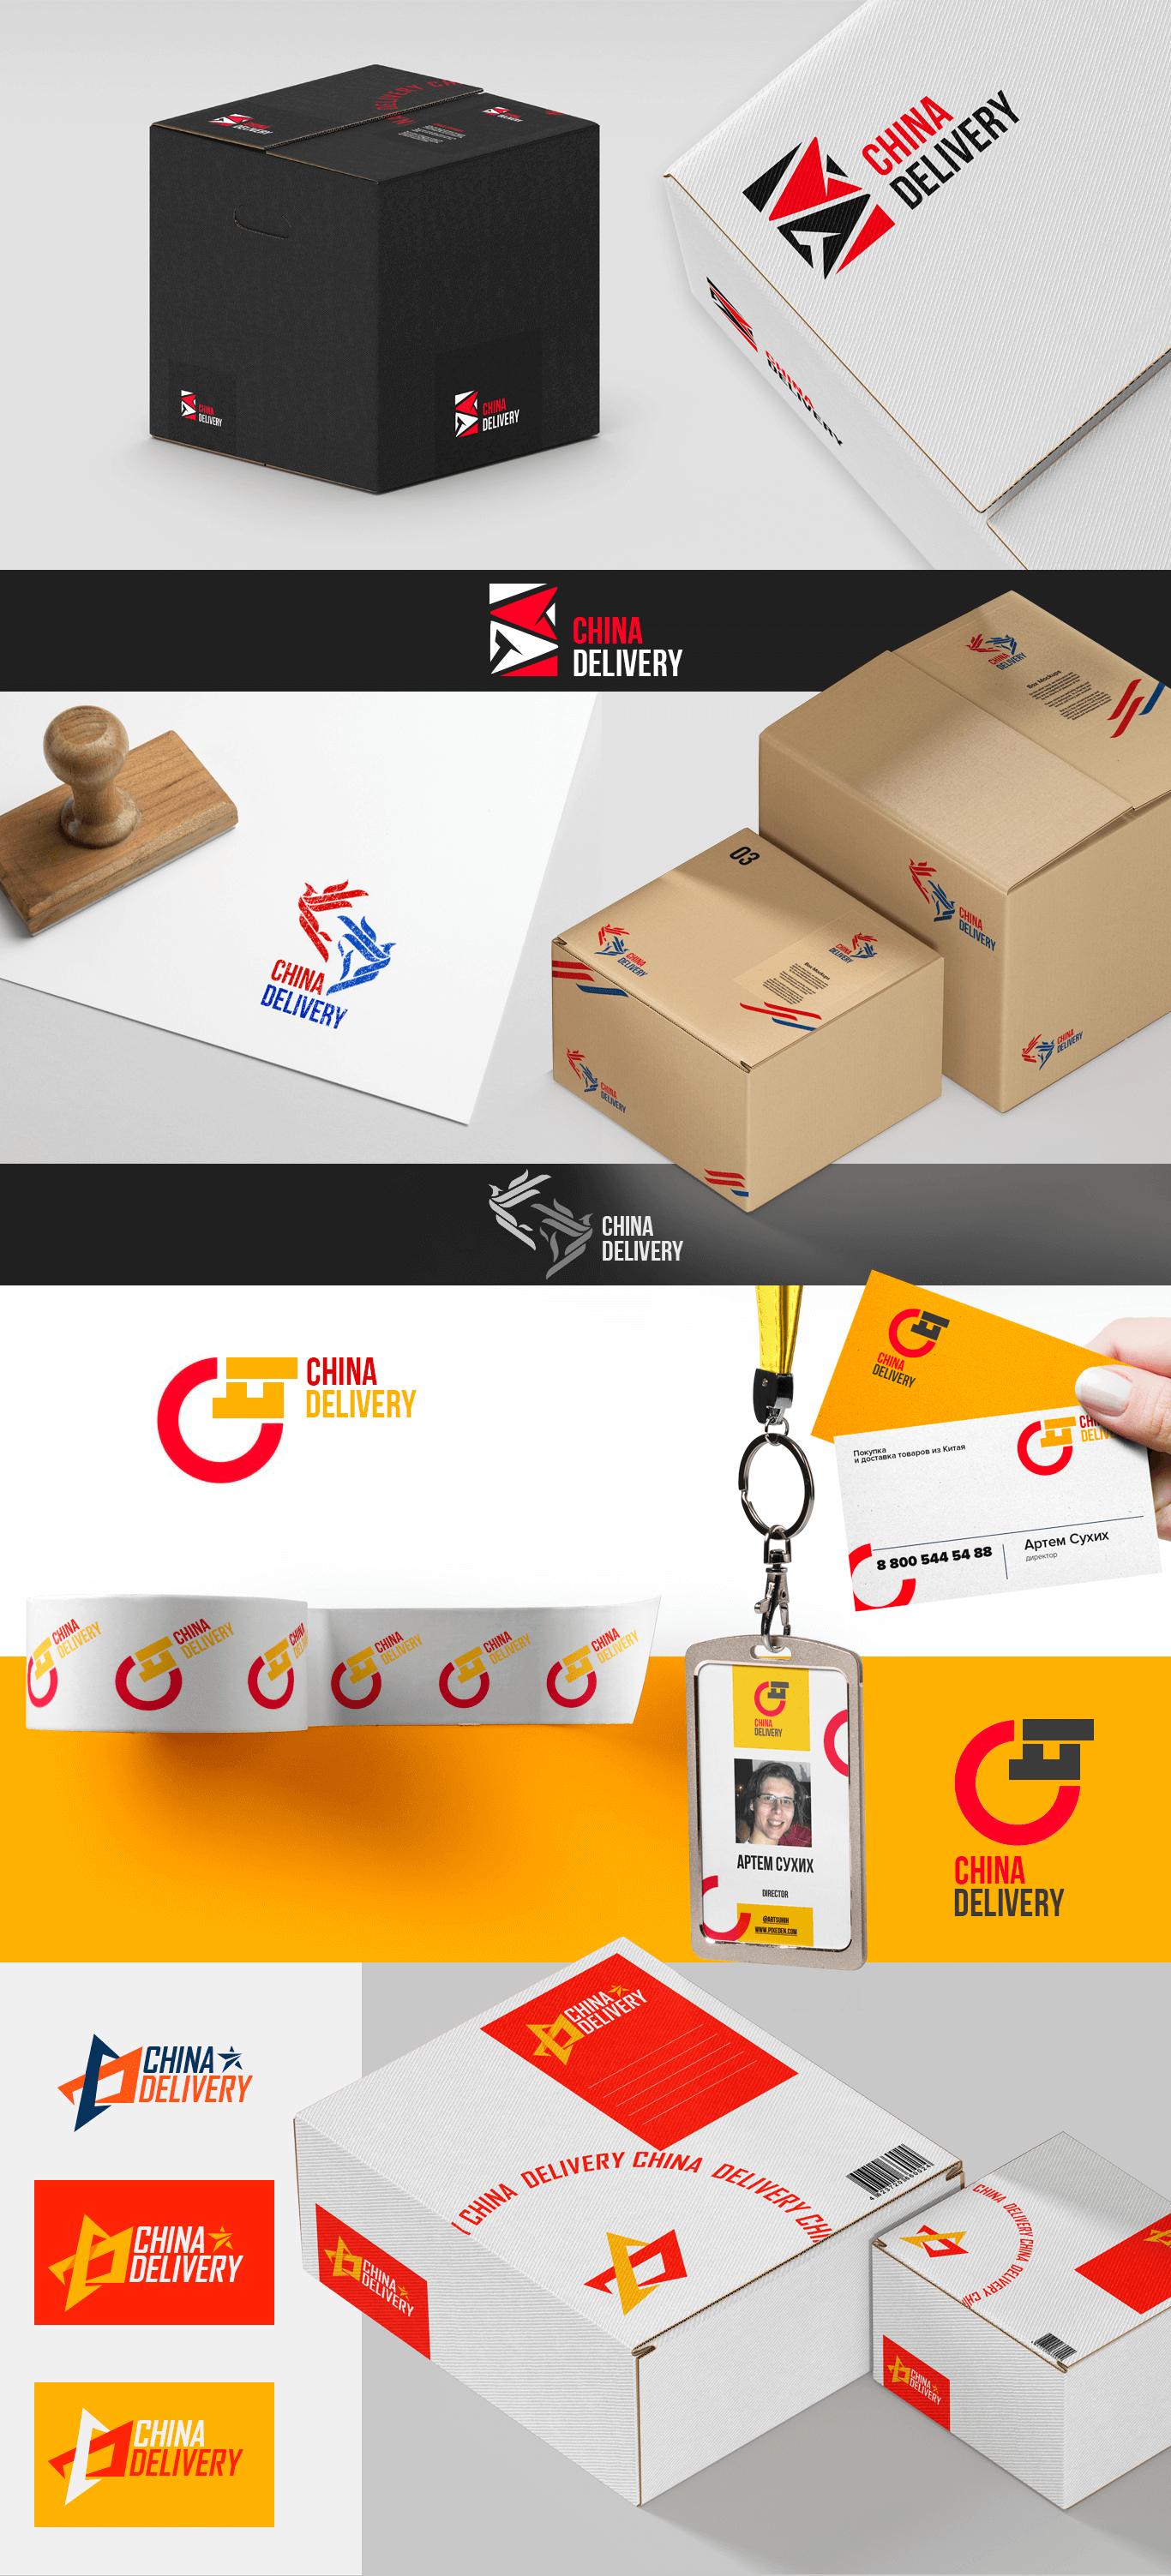 Создание логотипа для сервиса доставки товаров из Китая China Delivery